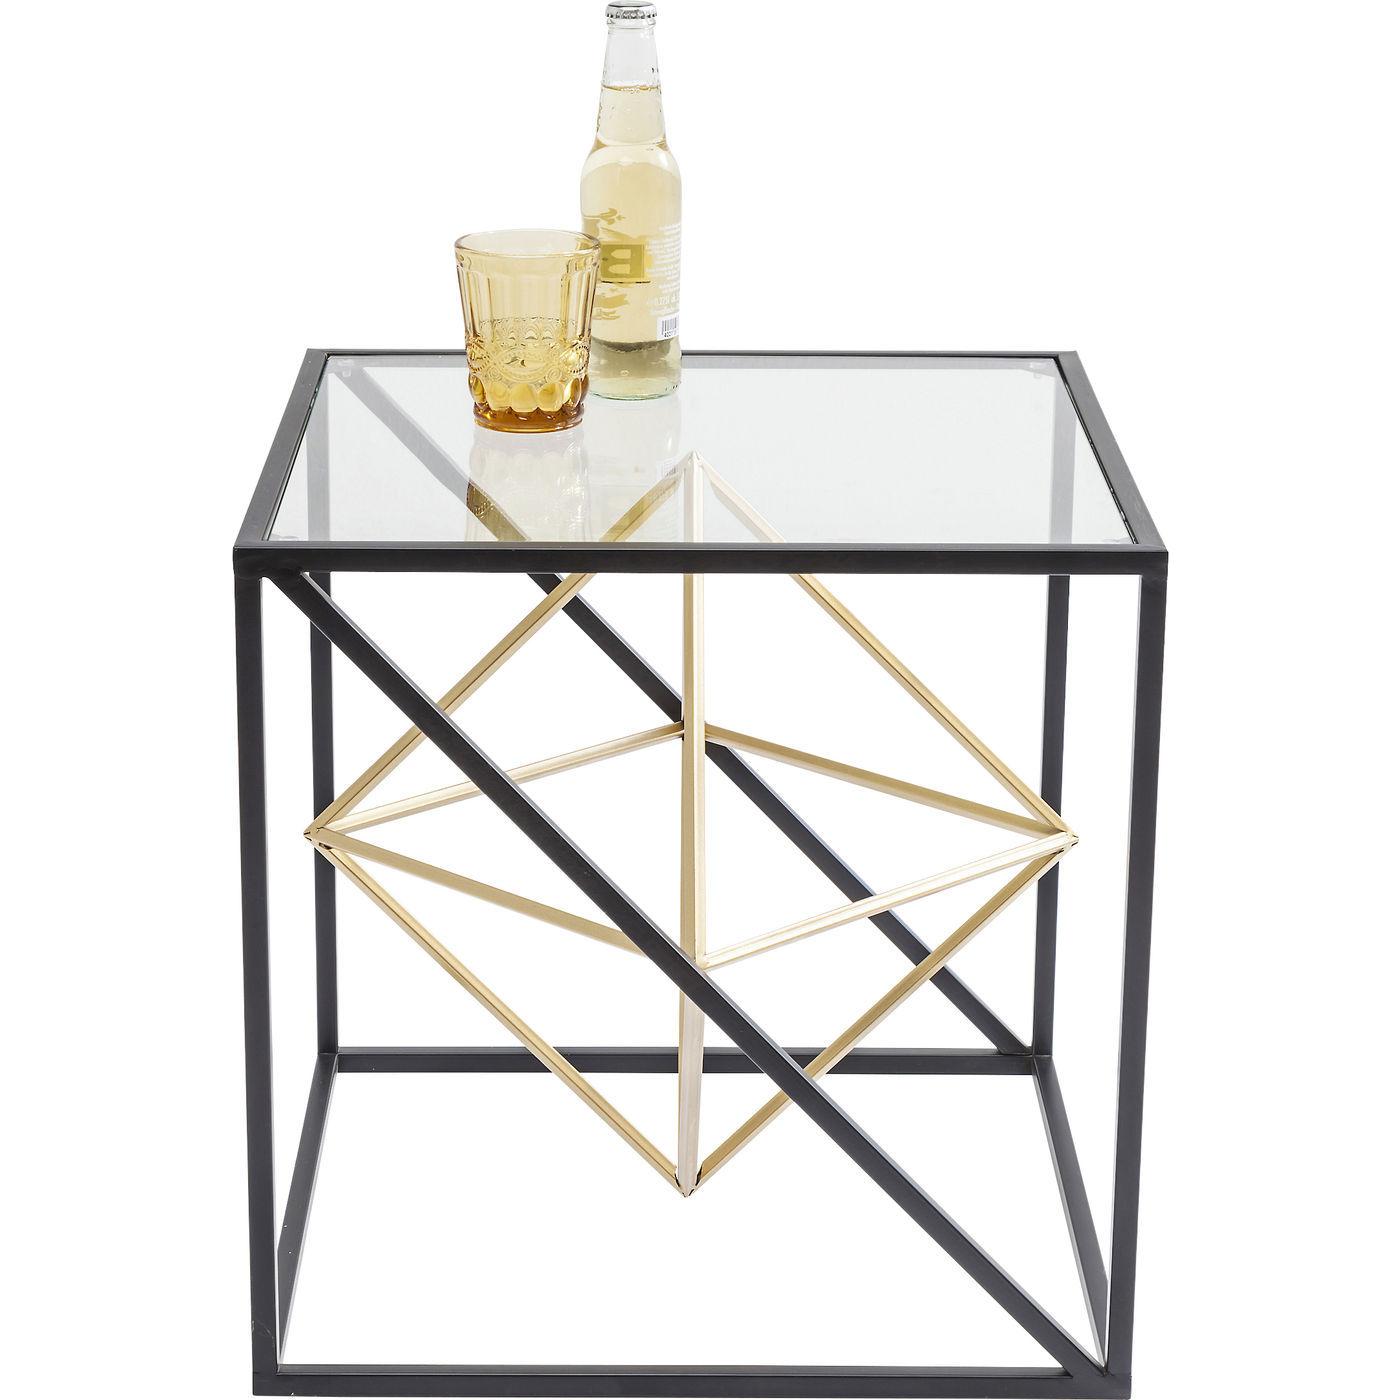 Kare design prisma sidebord - klart glas/guld stål, kvadratisk (45x45) fra kare design fra boboonline.dk